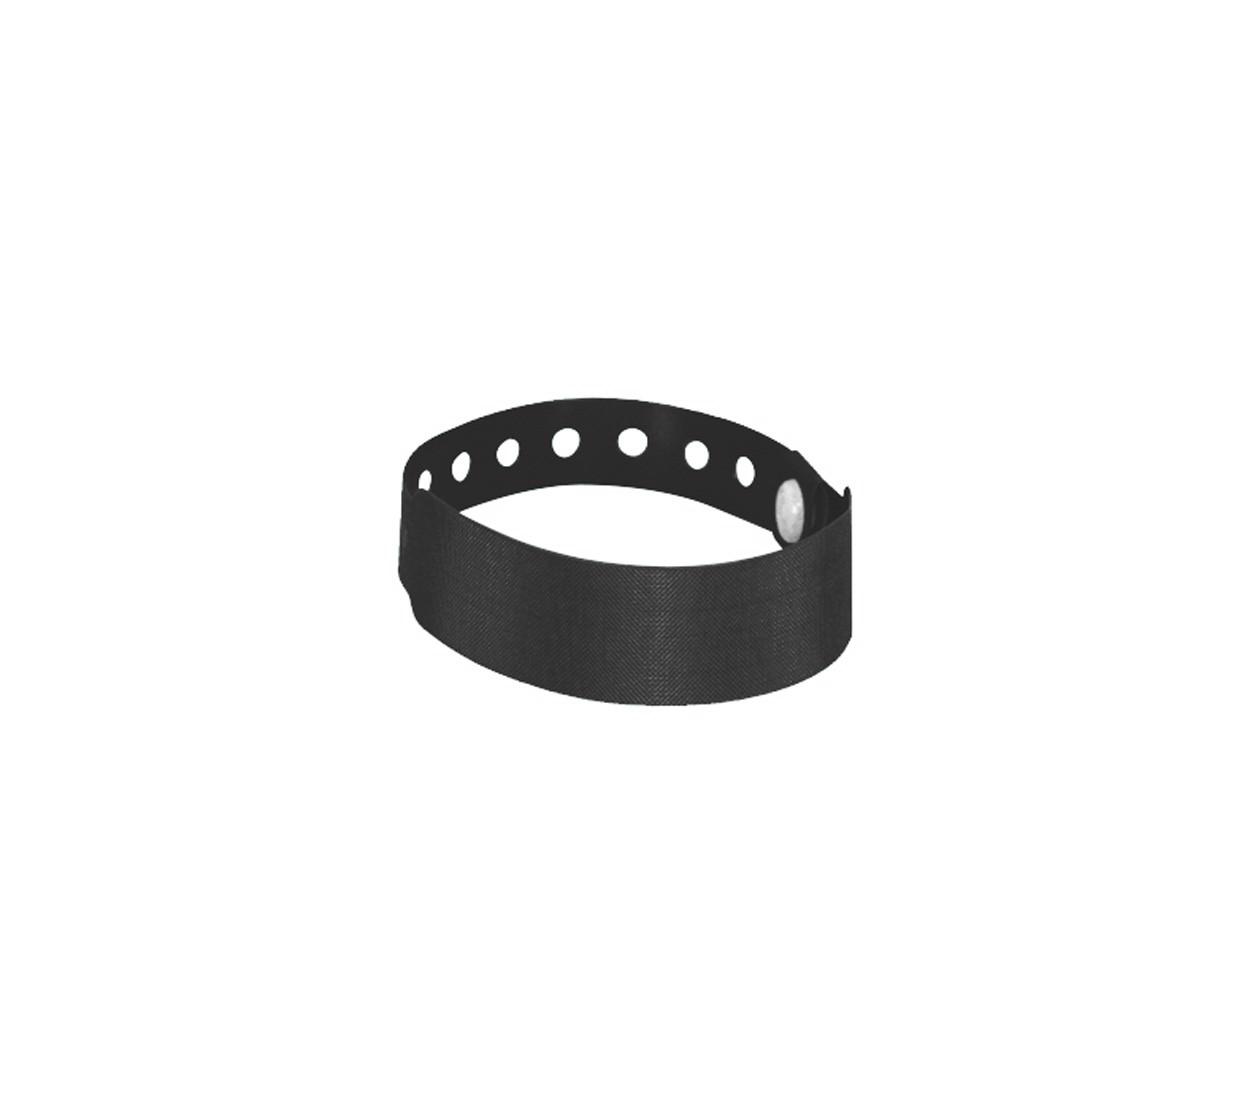 Identifikační Páska Na Ruku Multivent - Černá